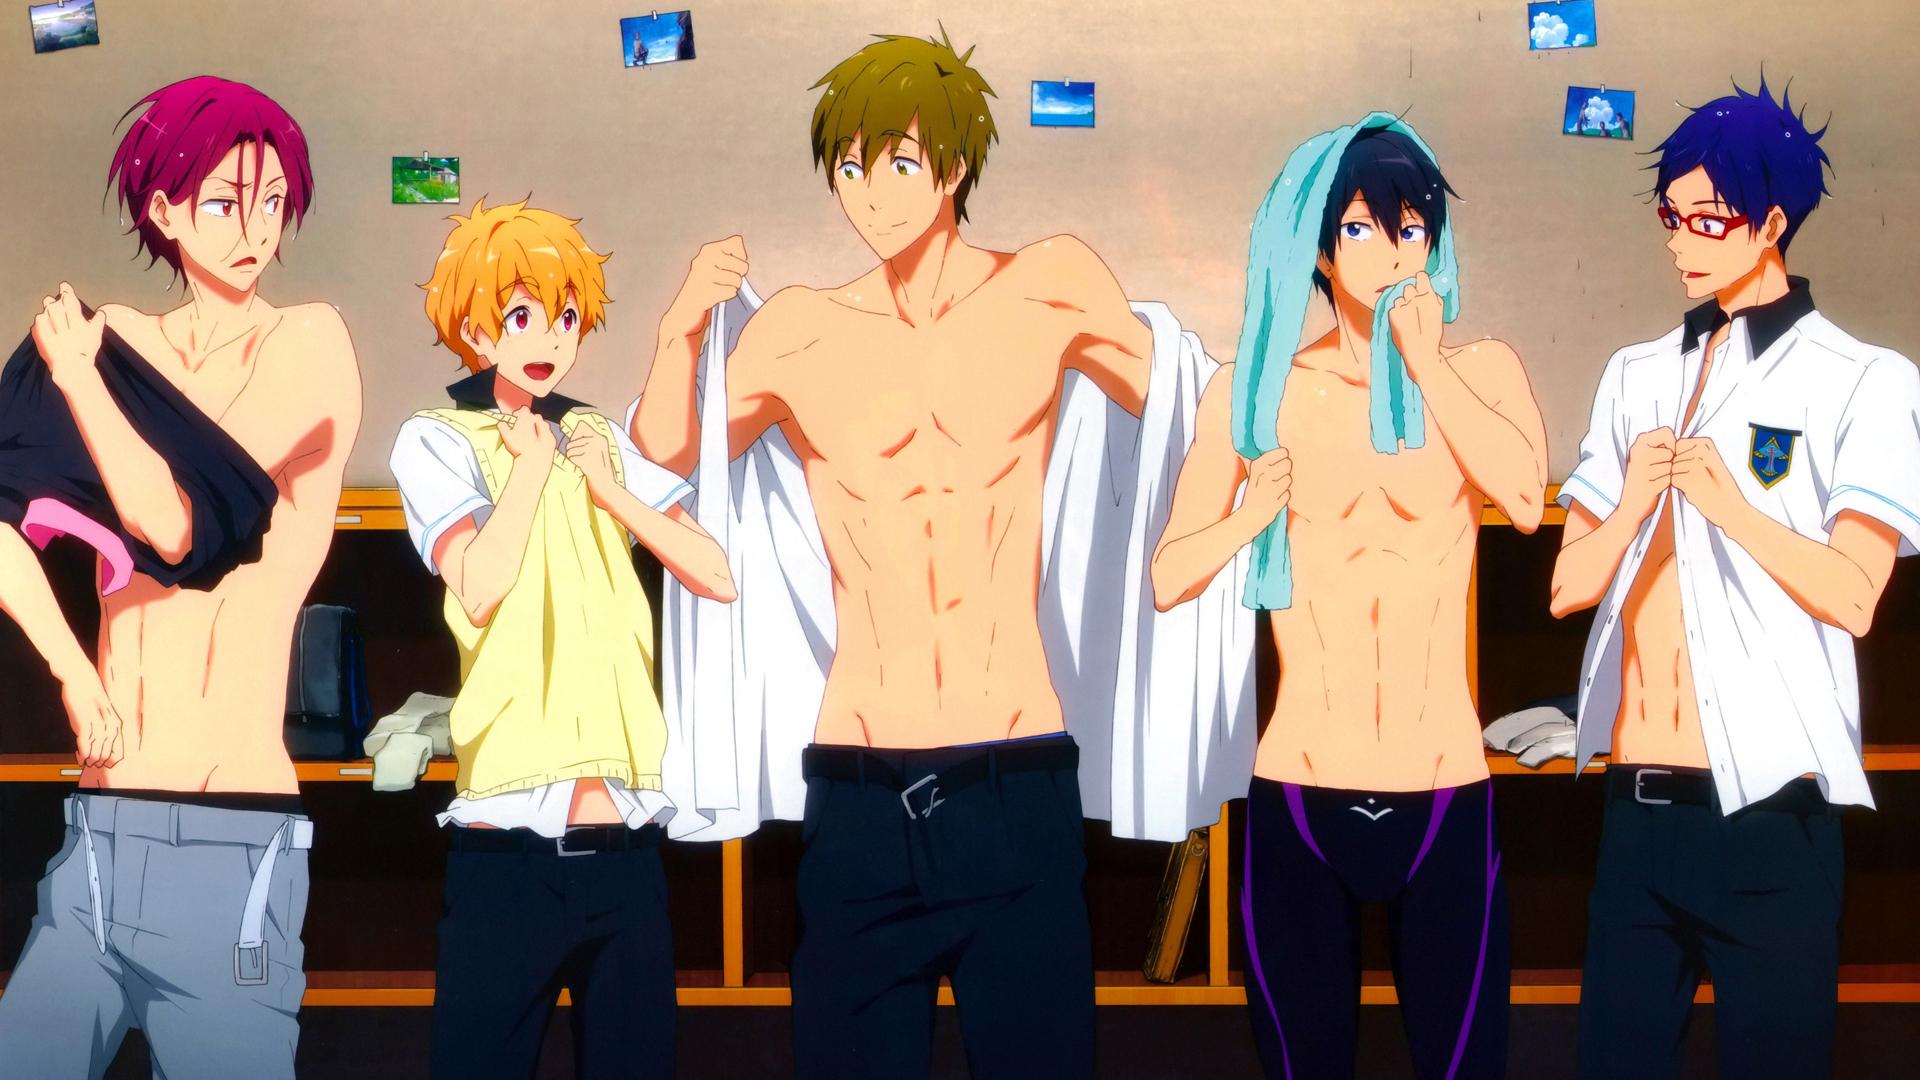 iwatobi swim club wallpaper - photo #10